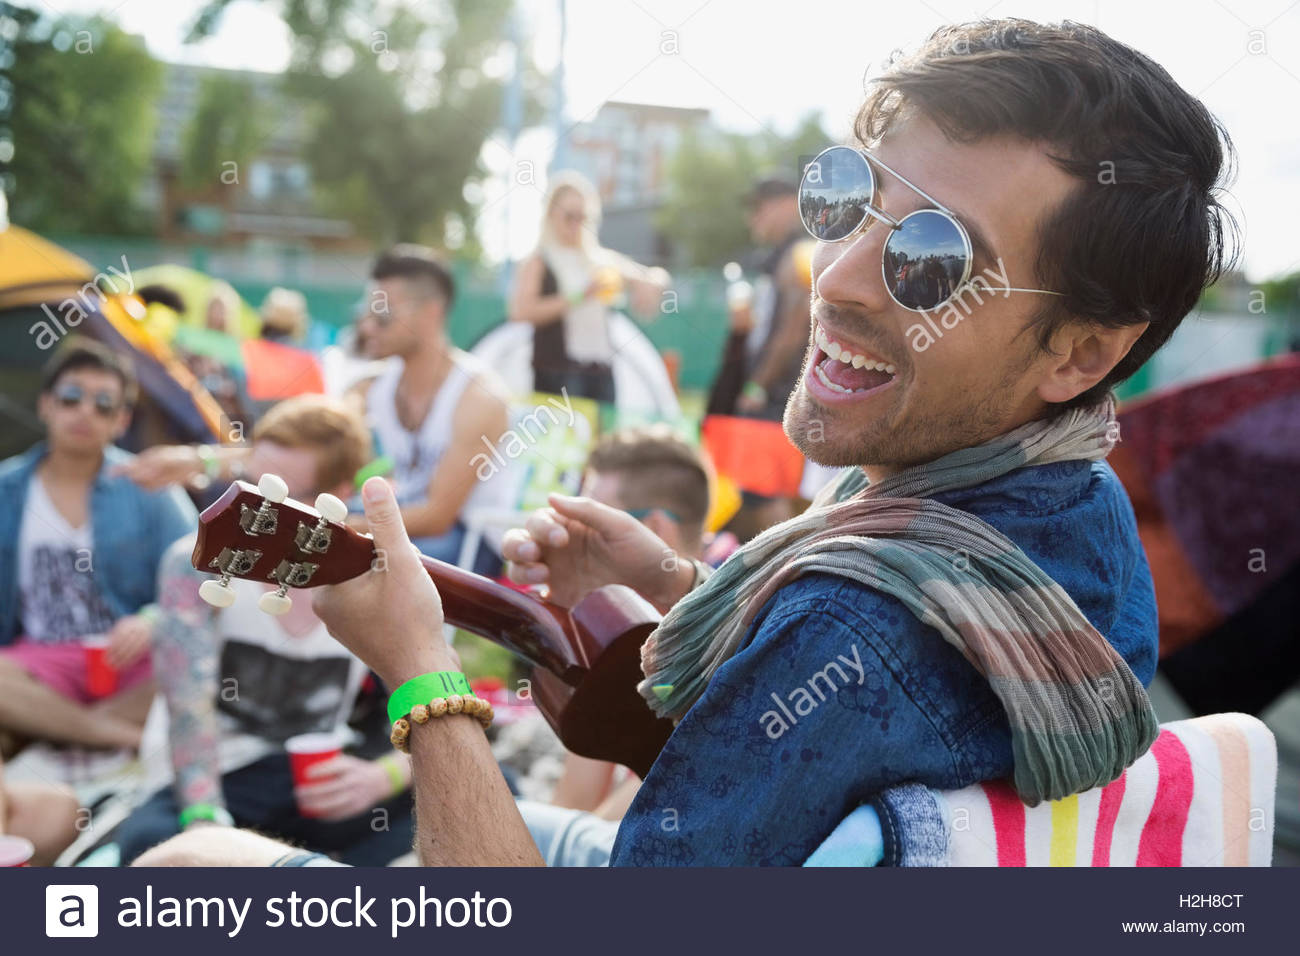 Retrato joven entusiasta hombre tocando el ukelele en el festival de música de verano camping Imagen De Stock